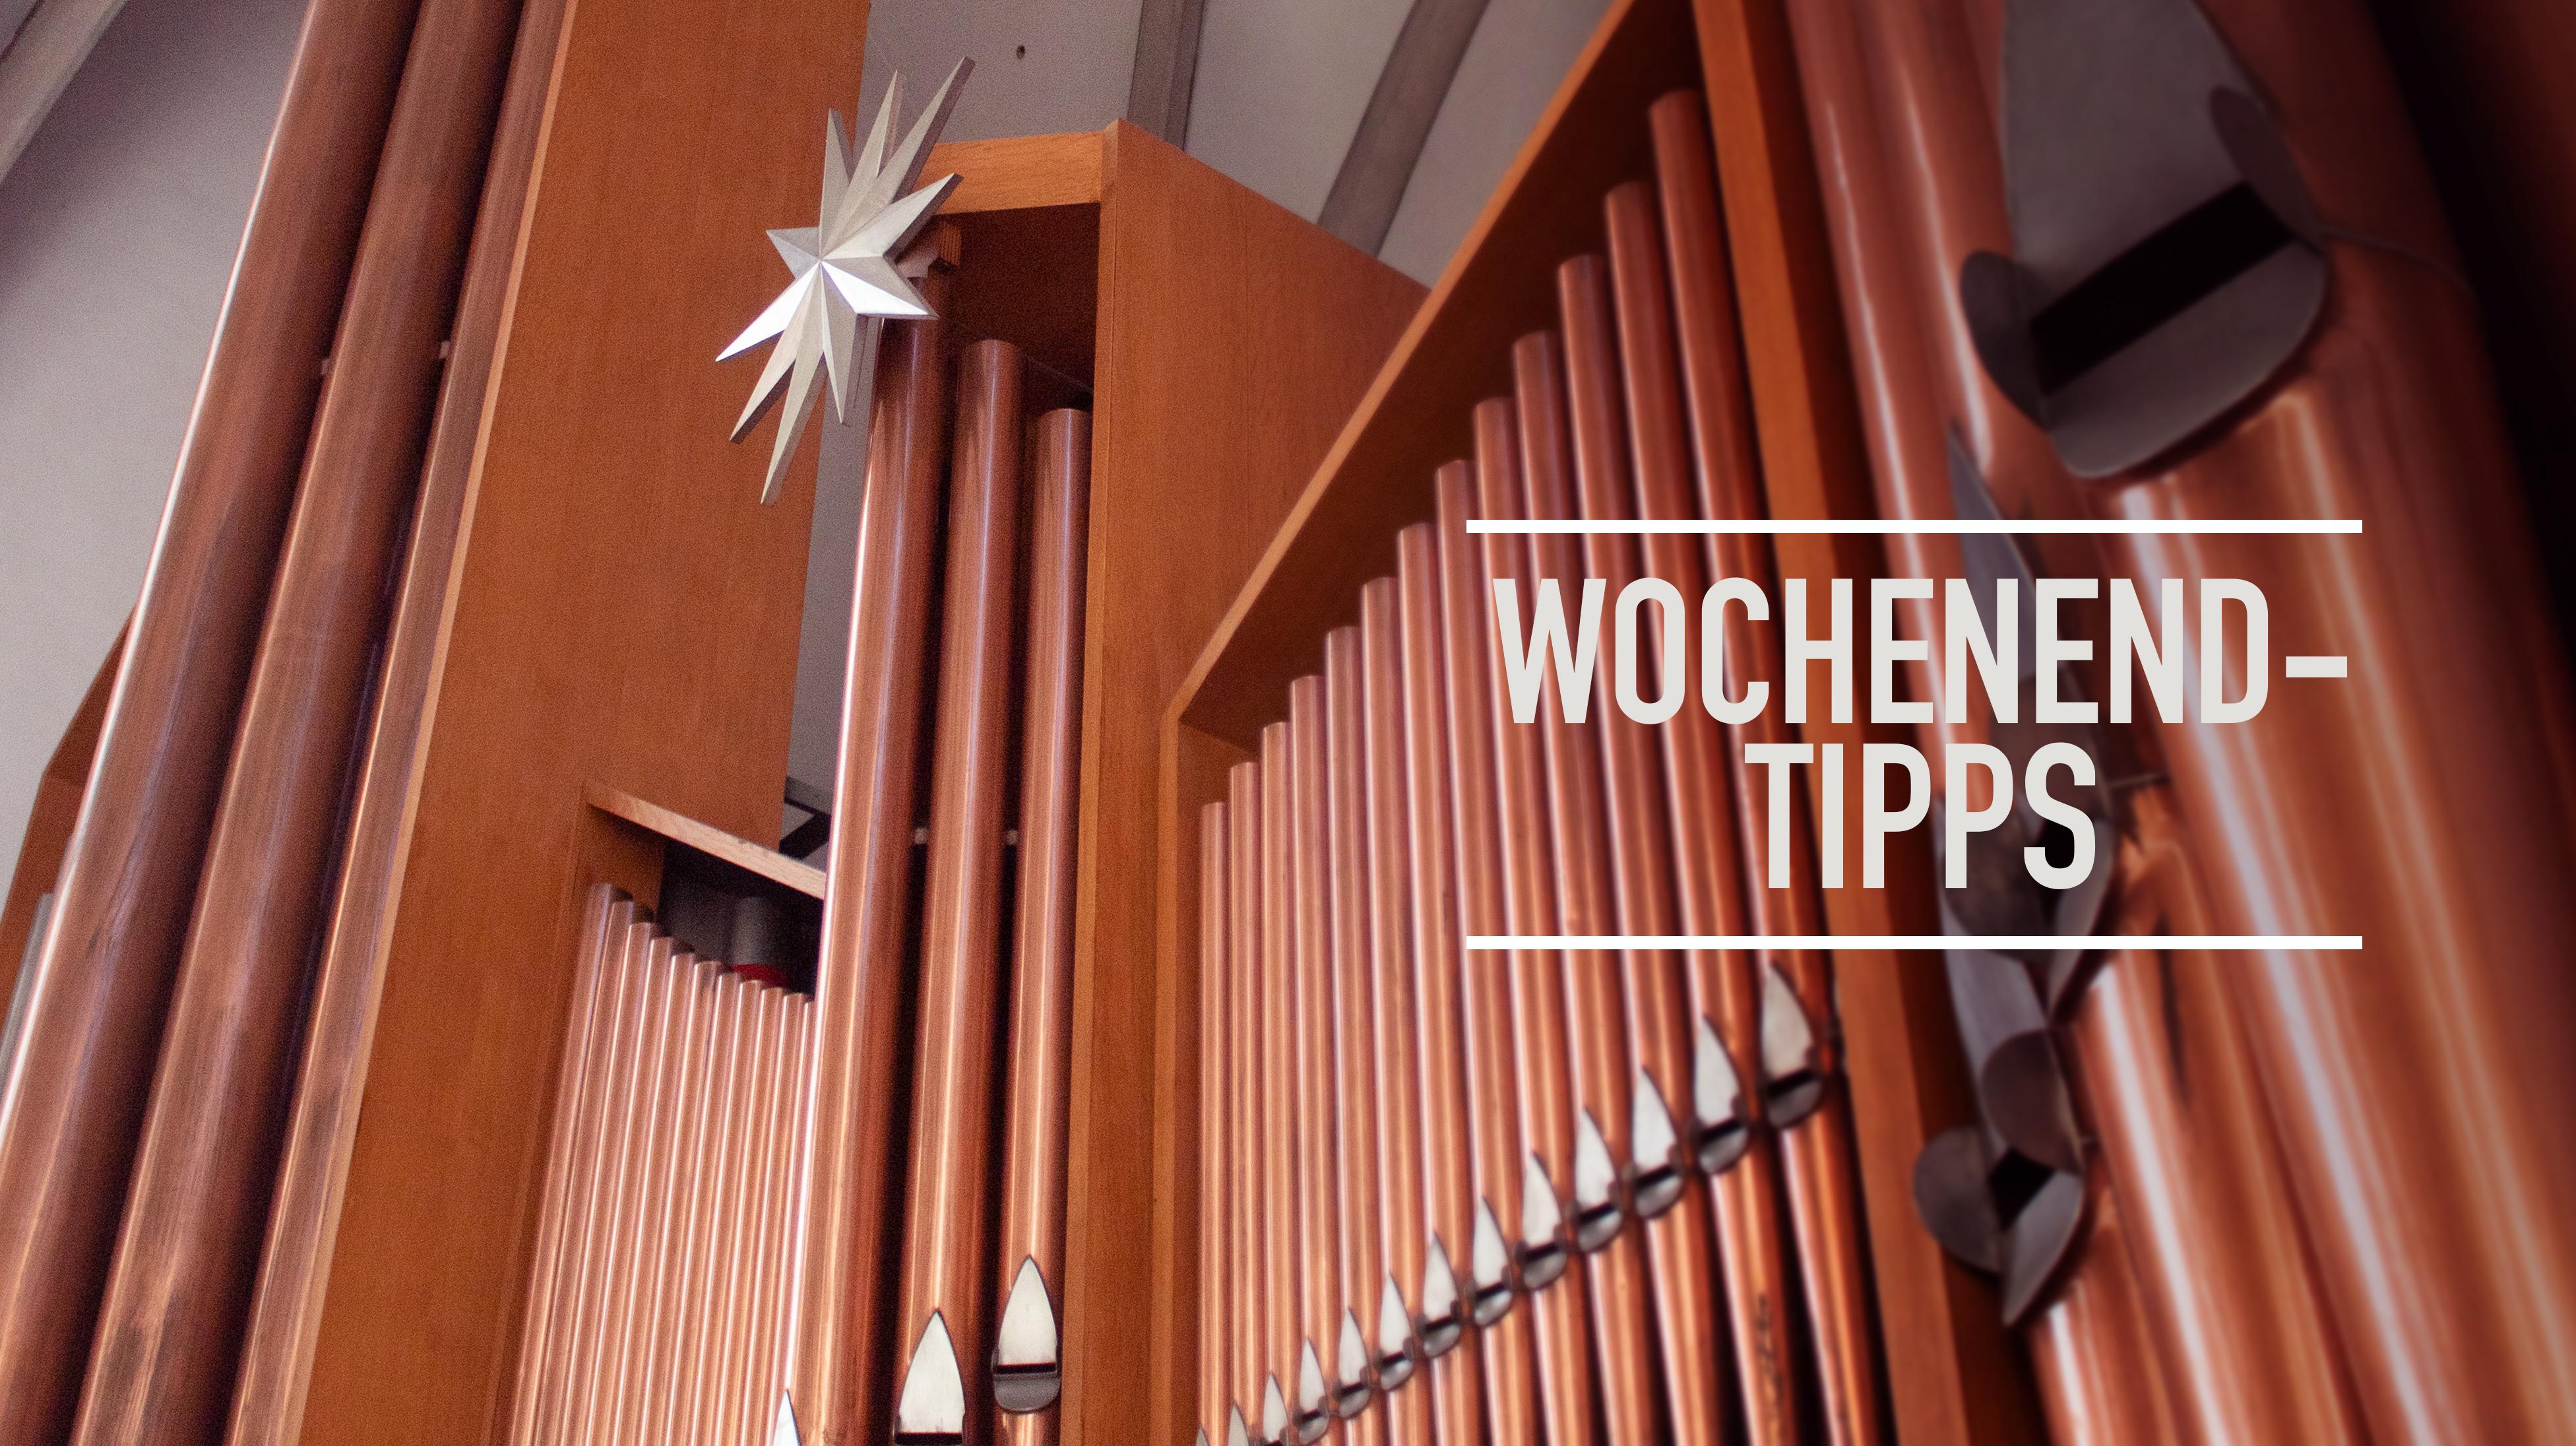 Wochenendtipps: Kabarett, Konzertante Orgelimprovisationen, Musik aus England, Sonaten für Violine und Klavier, Literaturforum